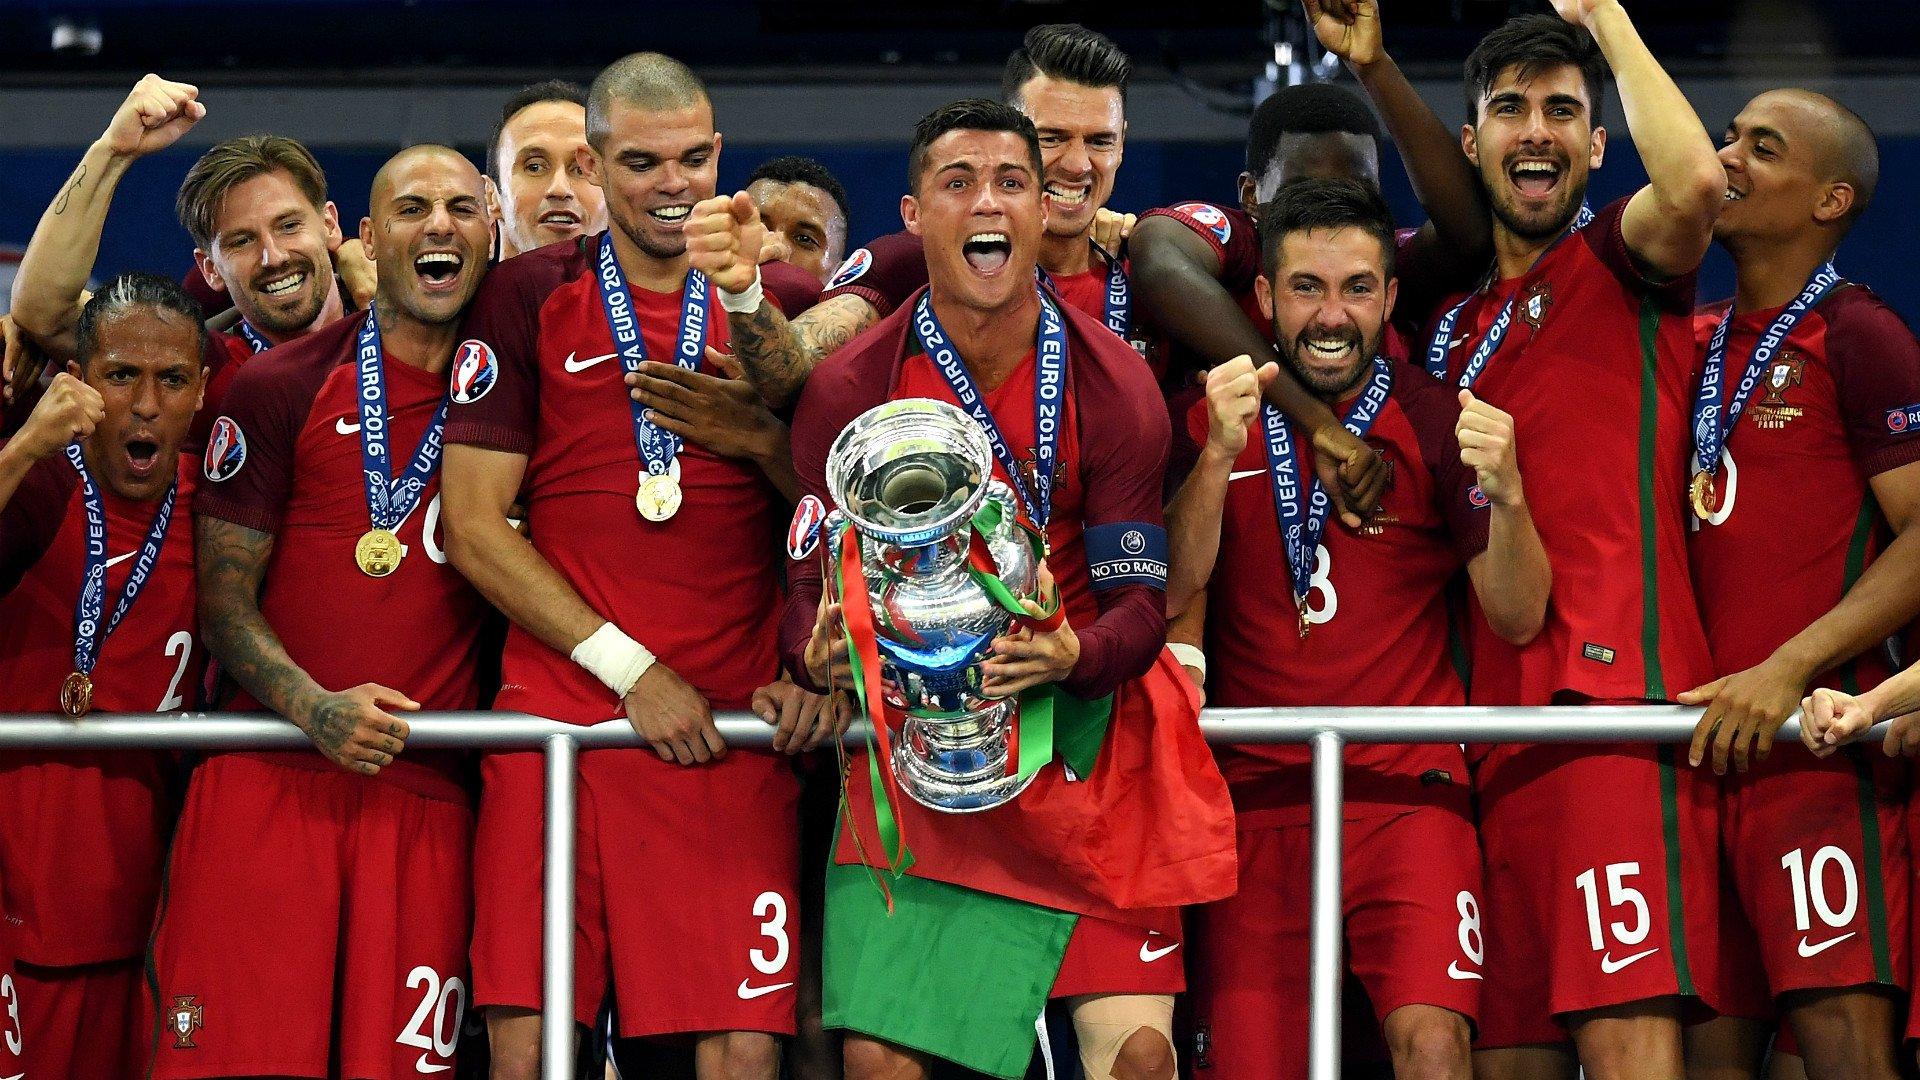 Quines jugarn la Copa Confederaciones 2017   Deportes 1920x1080